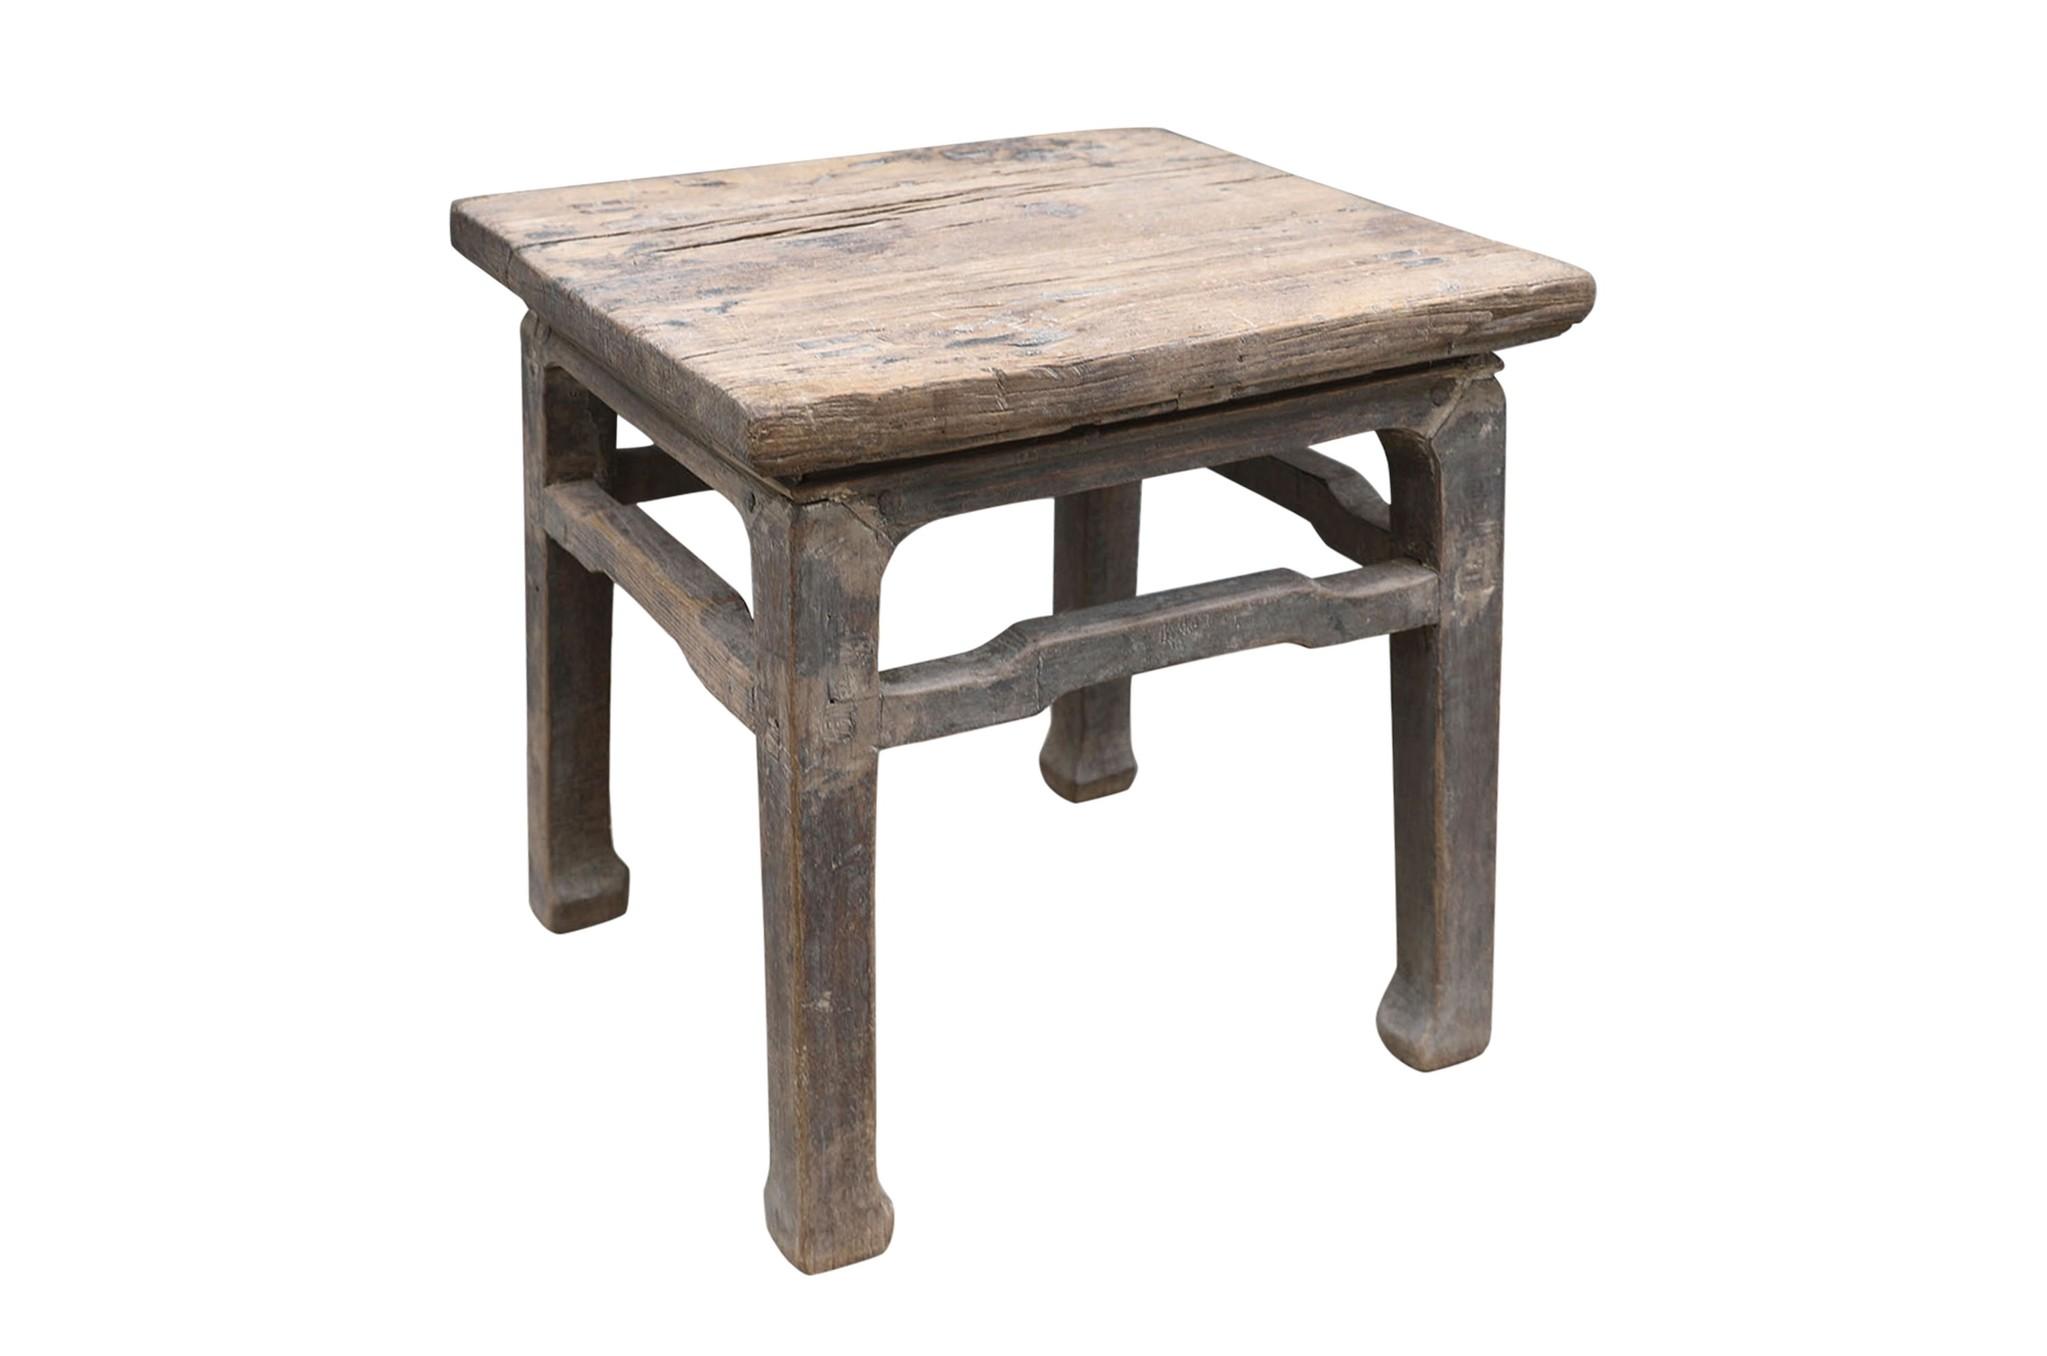 Petite Lily Interiors Vintage side table - raw elm wood - 55x55xh56cm - unique item